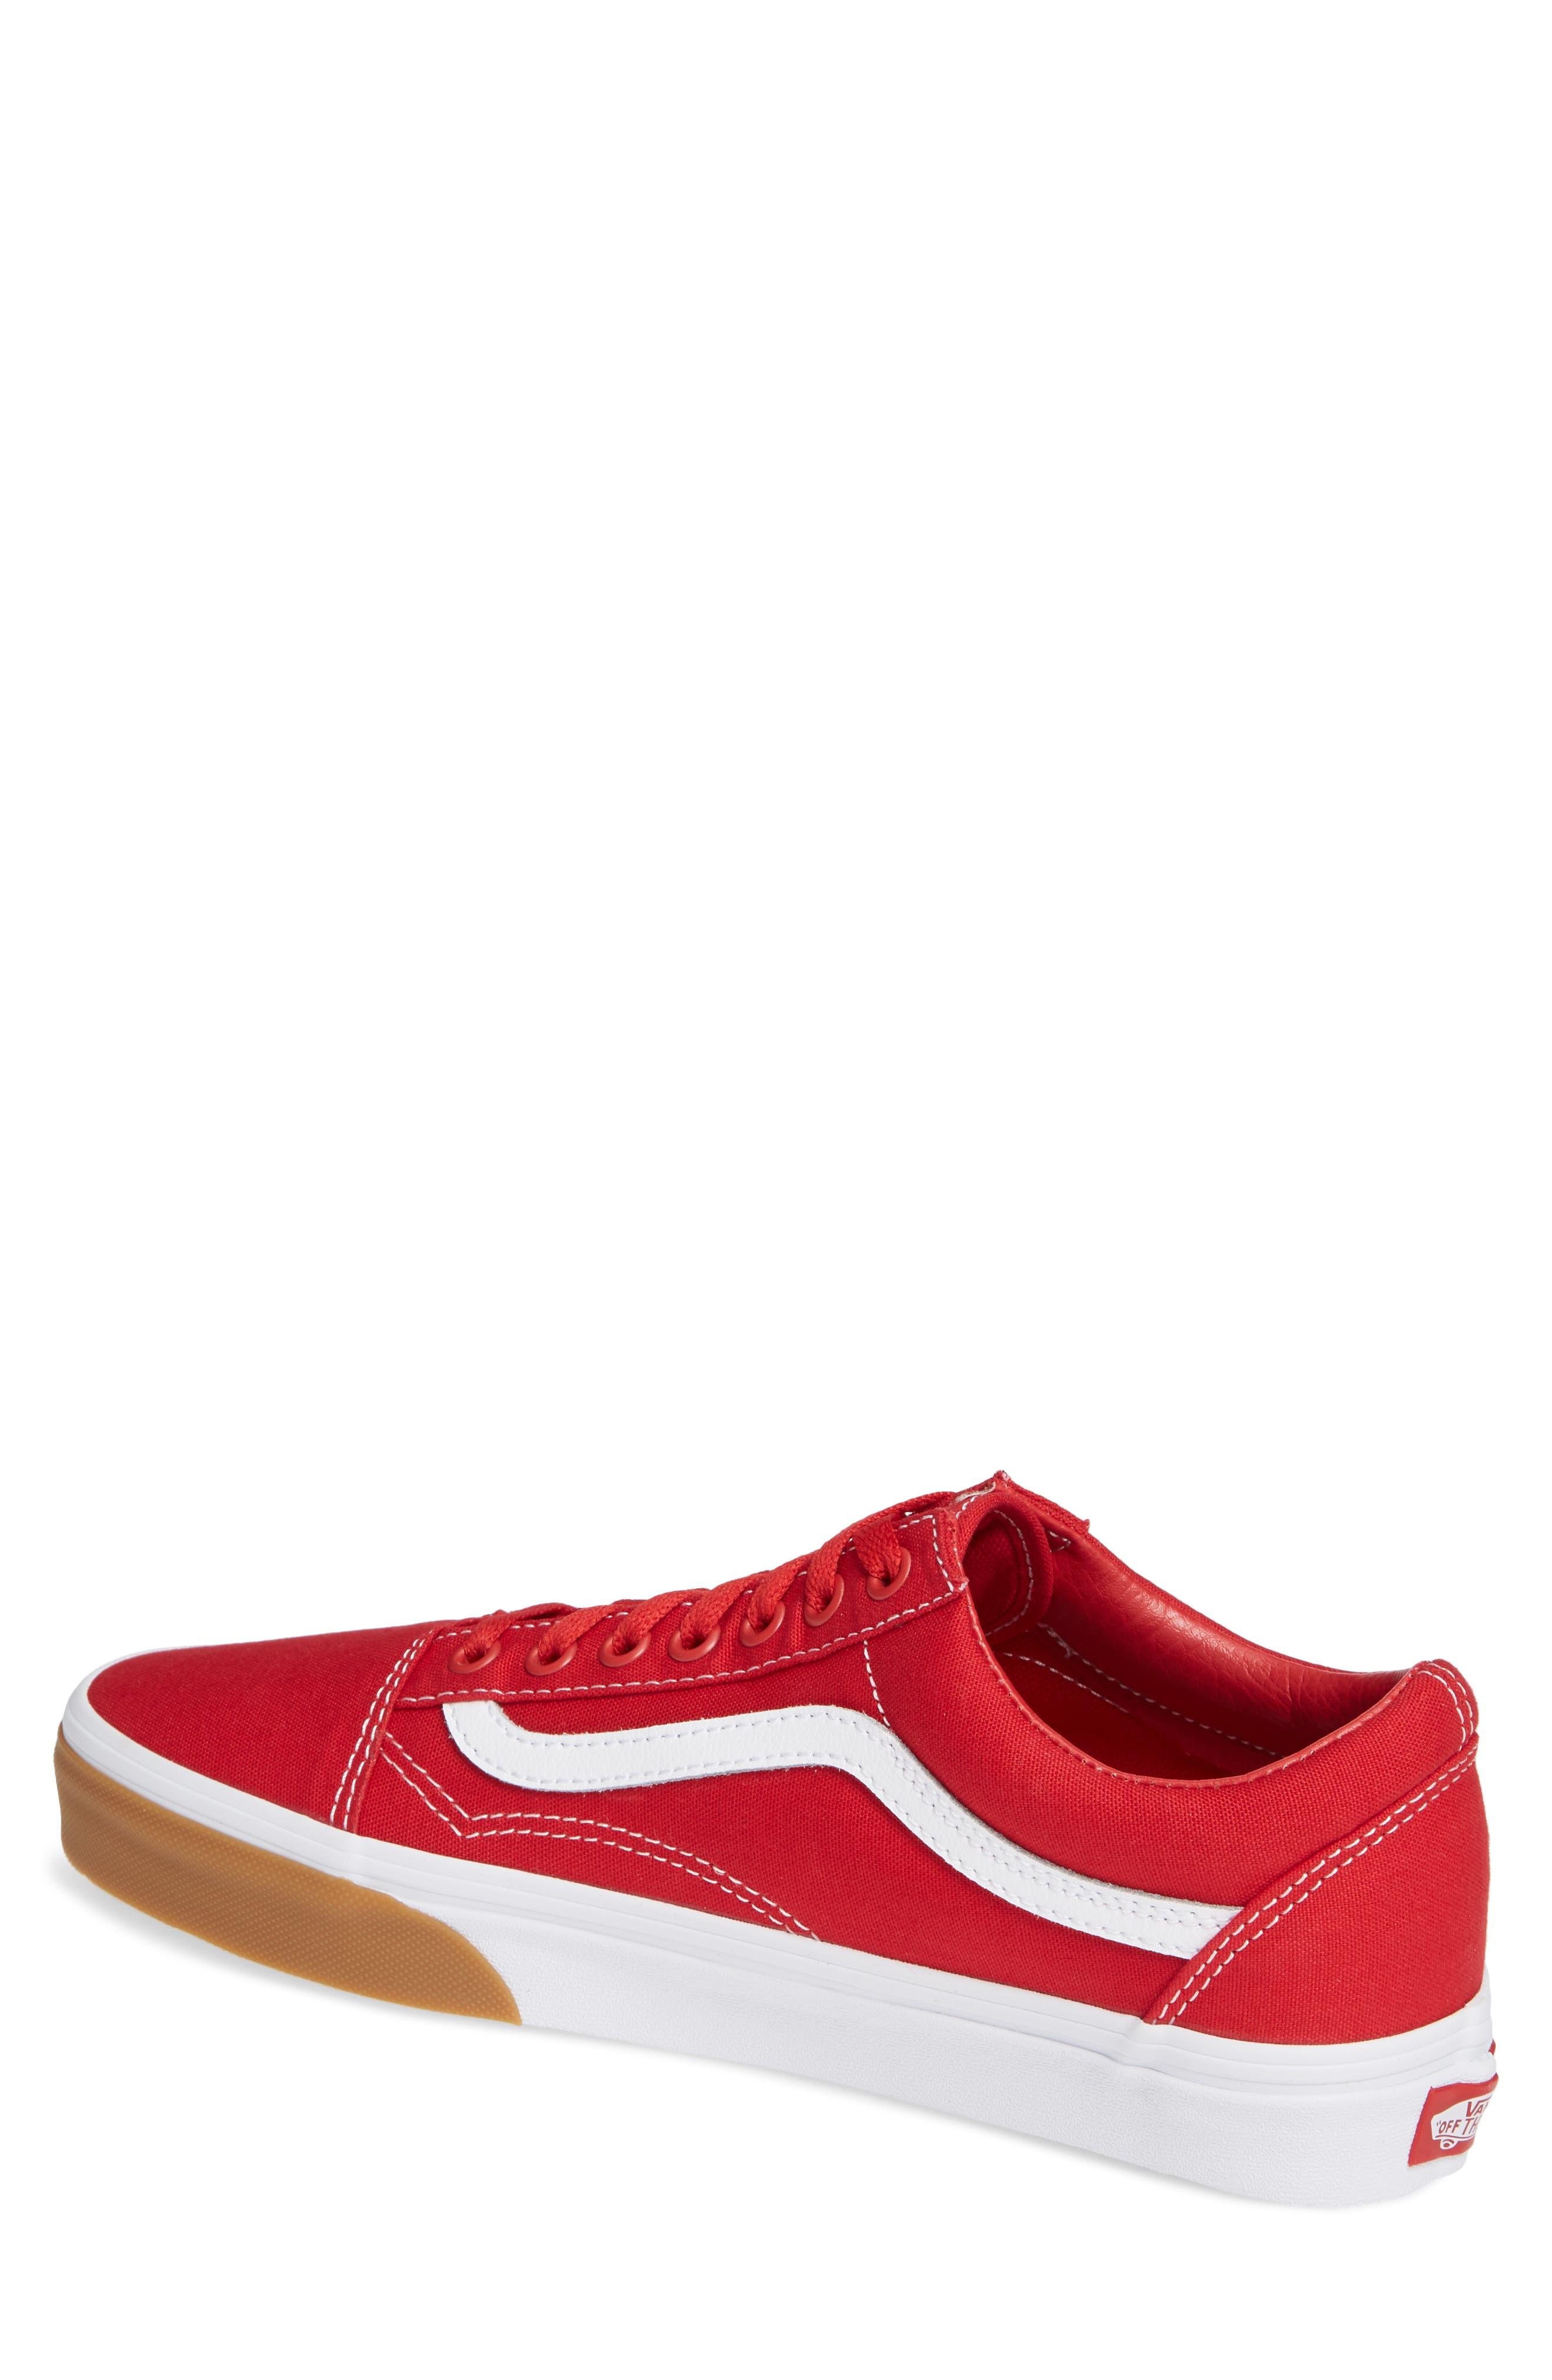 VANS,                             Gum Old Skool Sneaker,                             Alternate thumbnail 2, color,                             RED/ TRUE WHITE